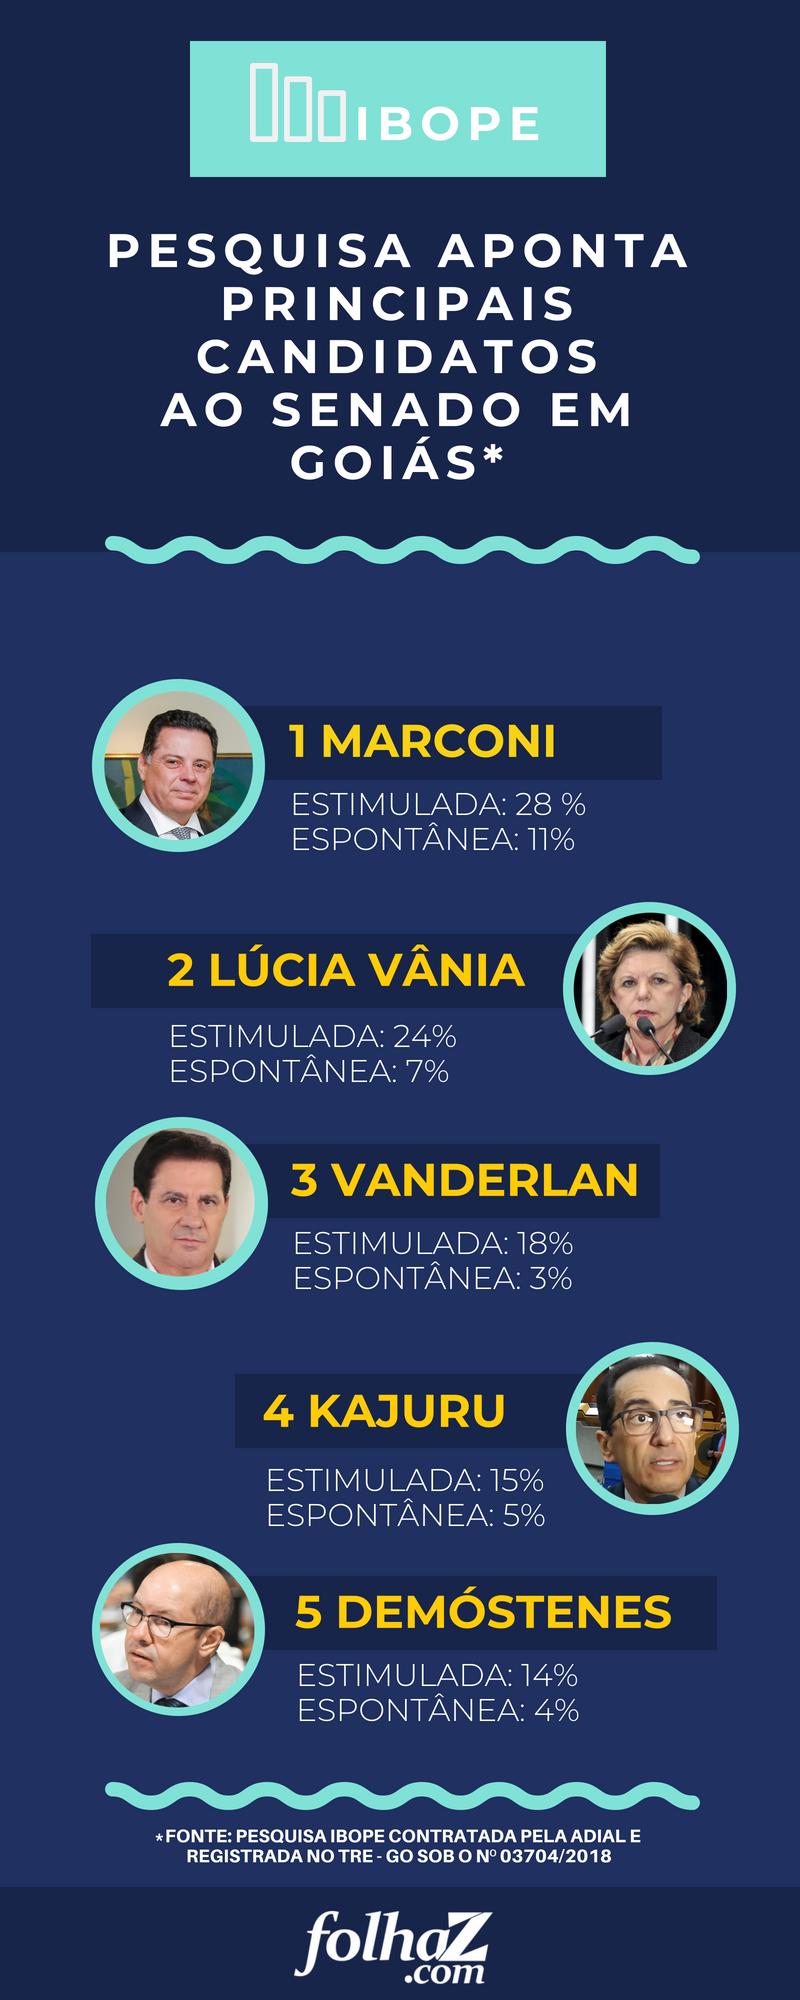 Ibope Goiás apontou os pré-candidatos com maiores intenções de voto ao Senado em Goiás nas eleições 2018 | Infográfico / Folha Z